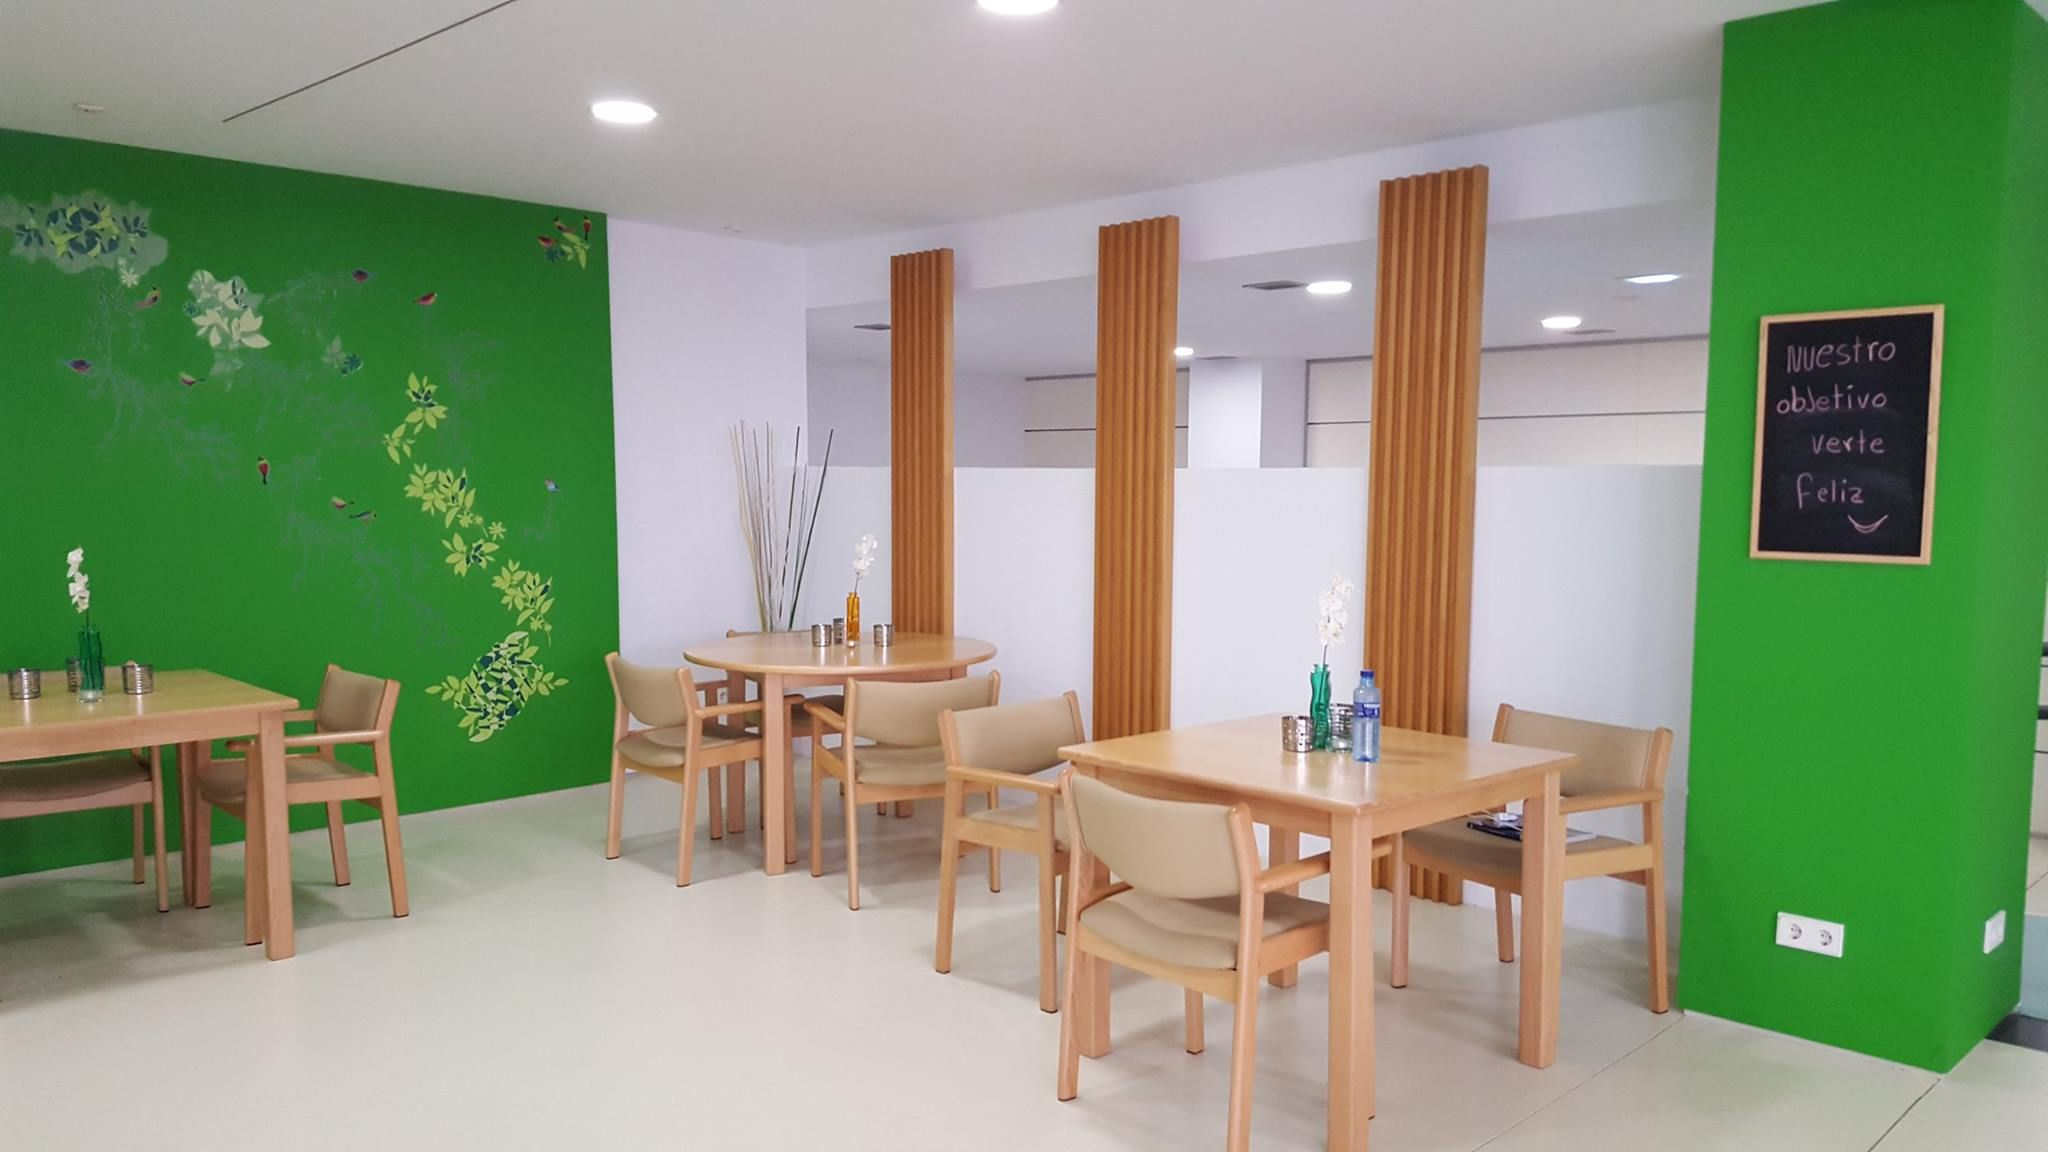 Centro para personas dependientes e independientes en Oviedo